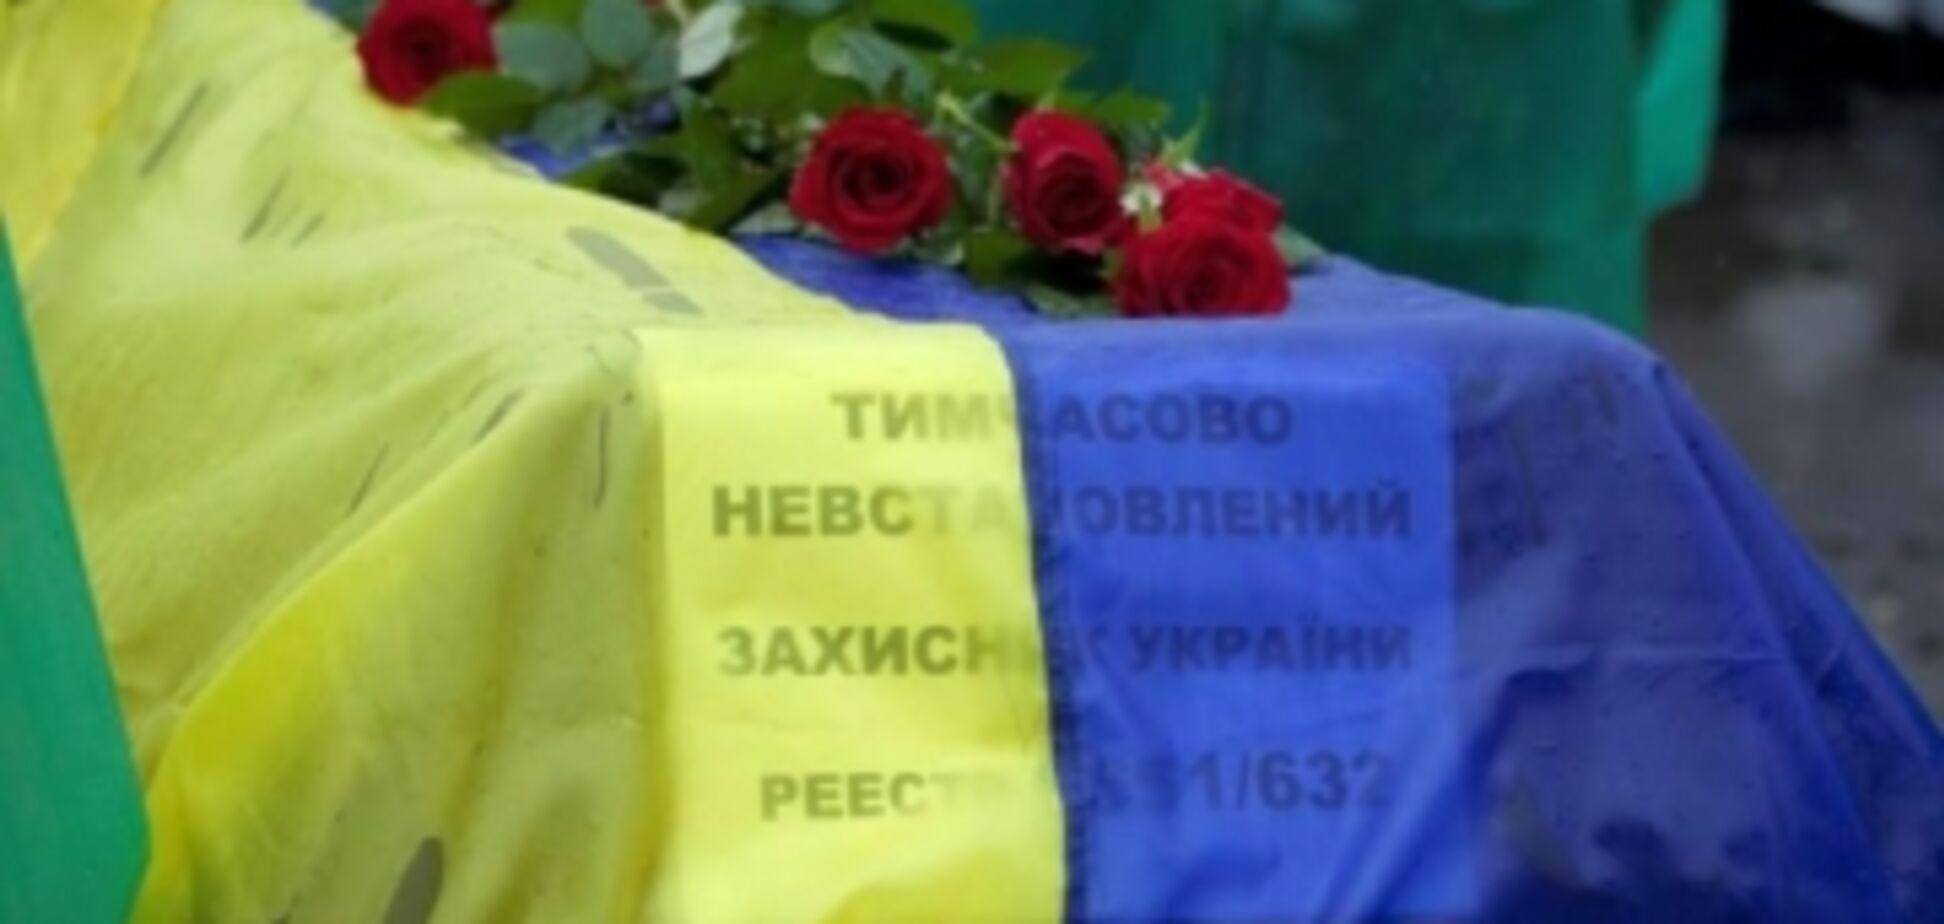 Пока каждый из нас не поймет, кто враг, Украина и дальше будет терять своих детей